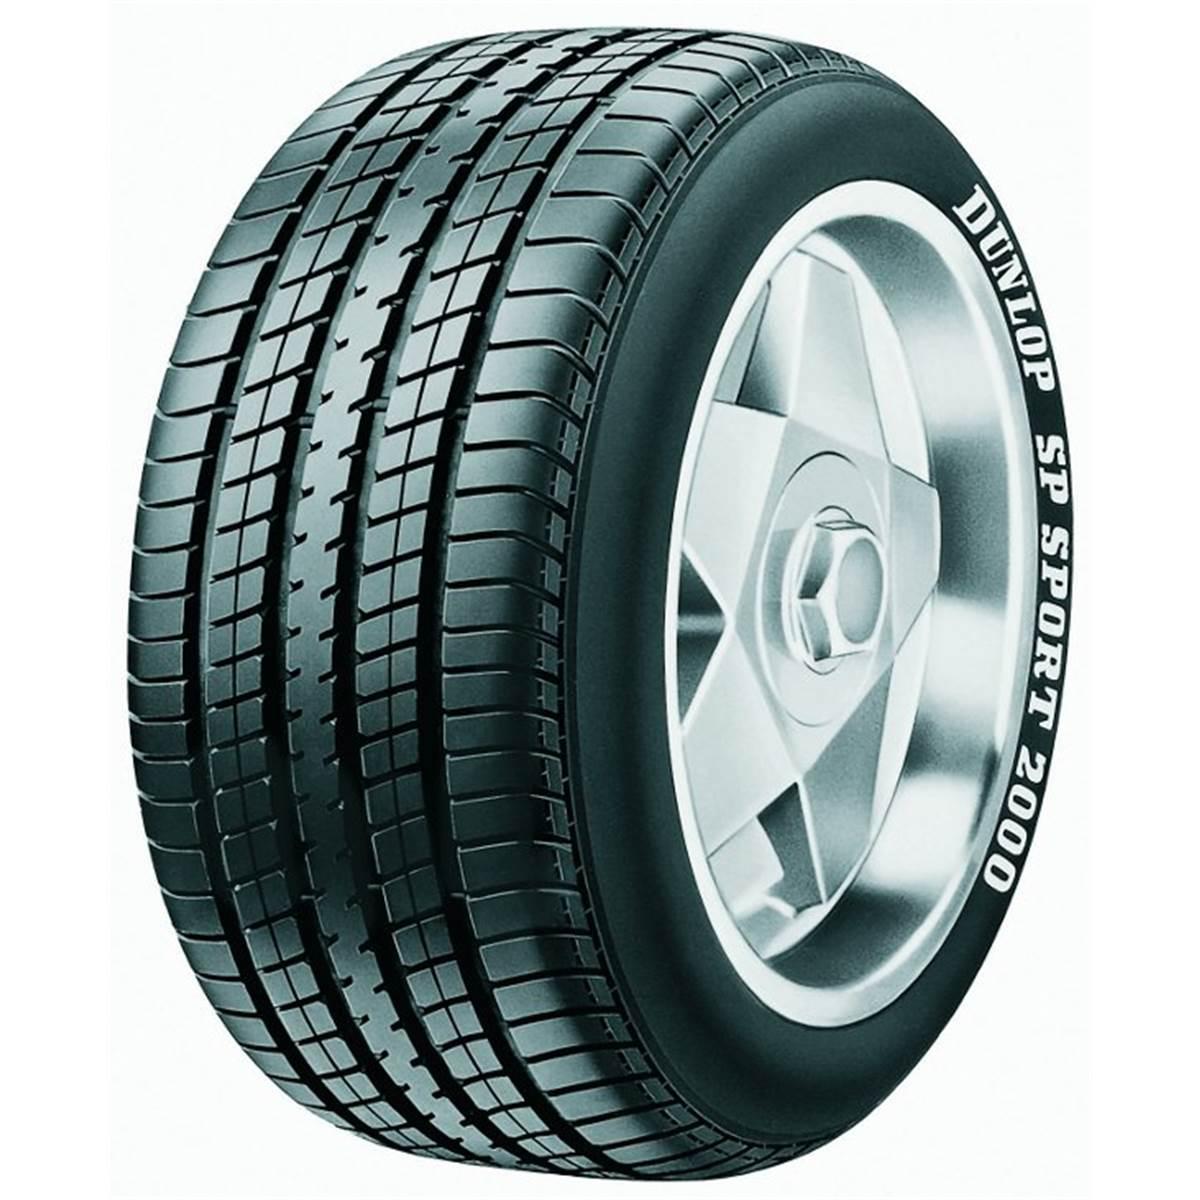 dunlop sp sport 2000 achat de pneus dunlop sp sport 2000 pas cher comparer les prix du pneu. Black Bedroom Furniture Sets. Home Design Ideas